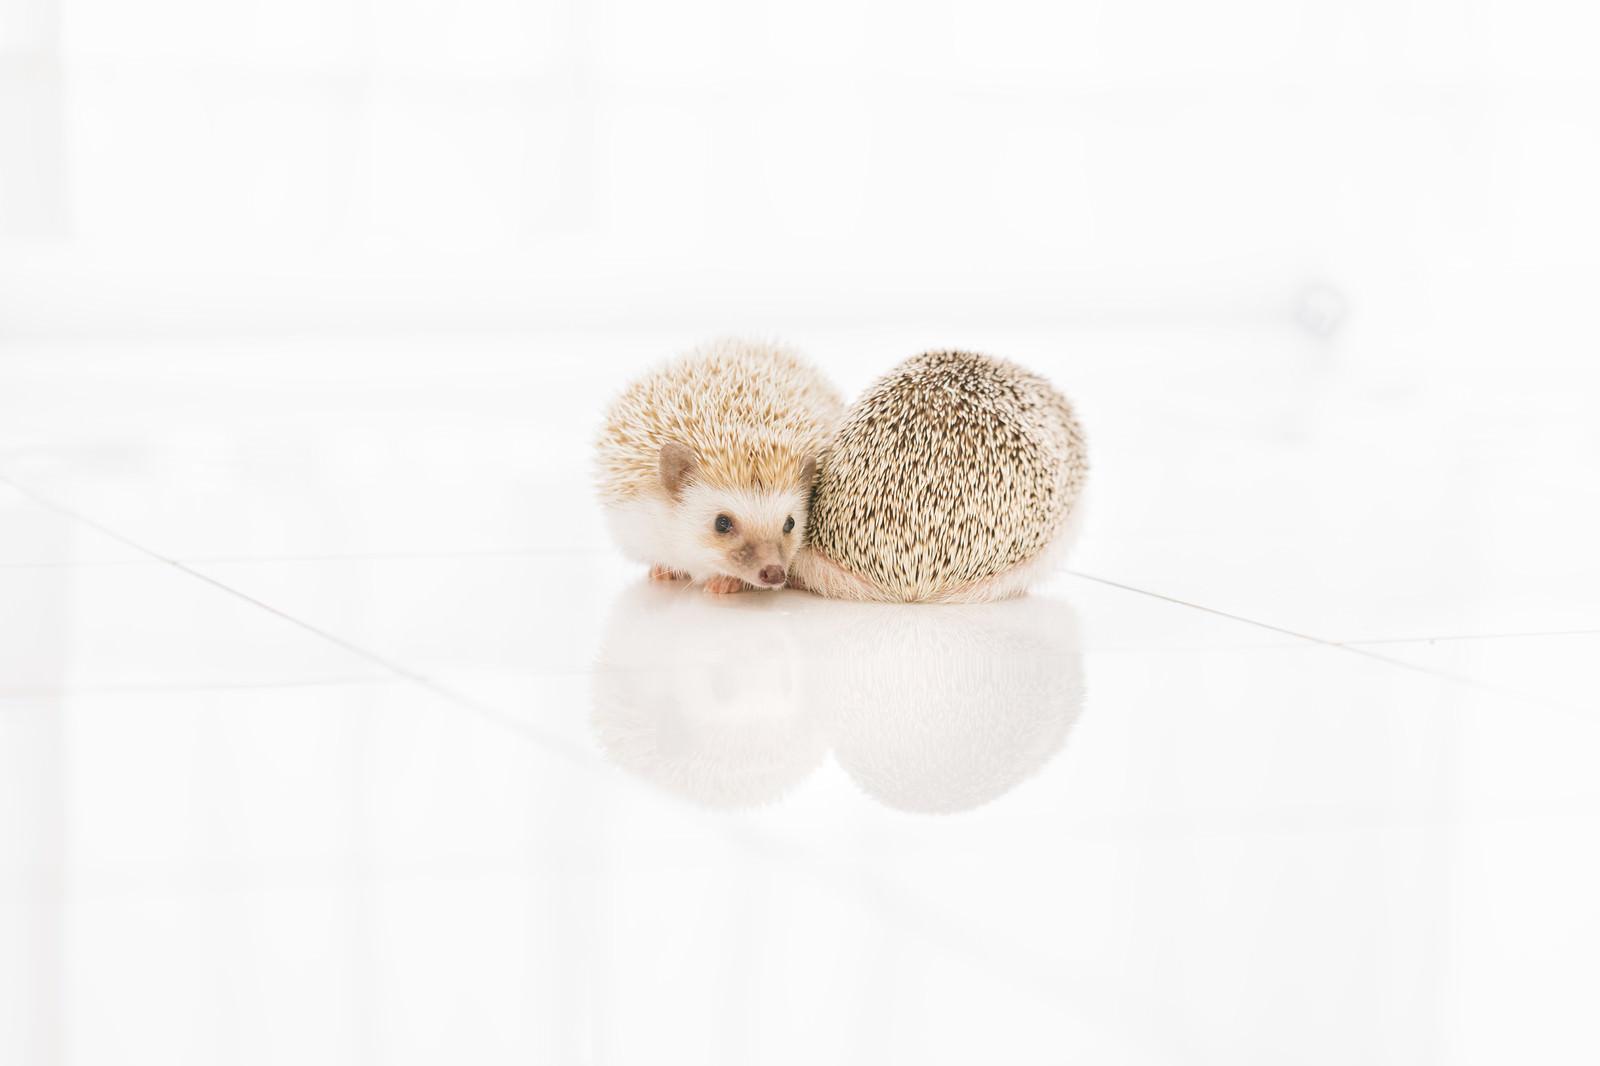 「寄り添うハリネズミ-ボクの針は痛くない」の写真